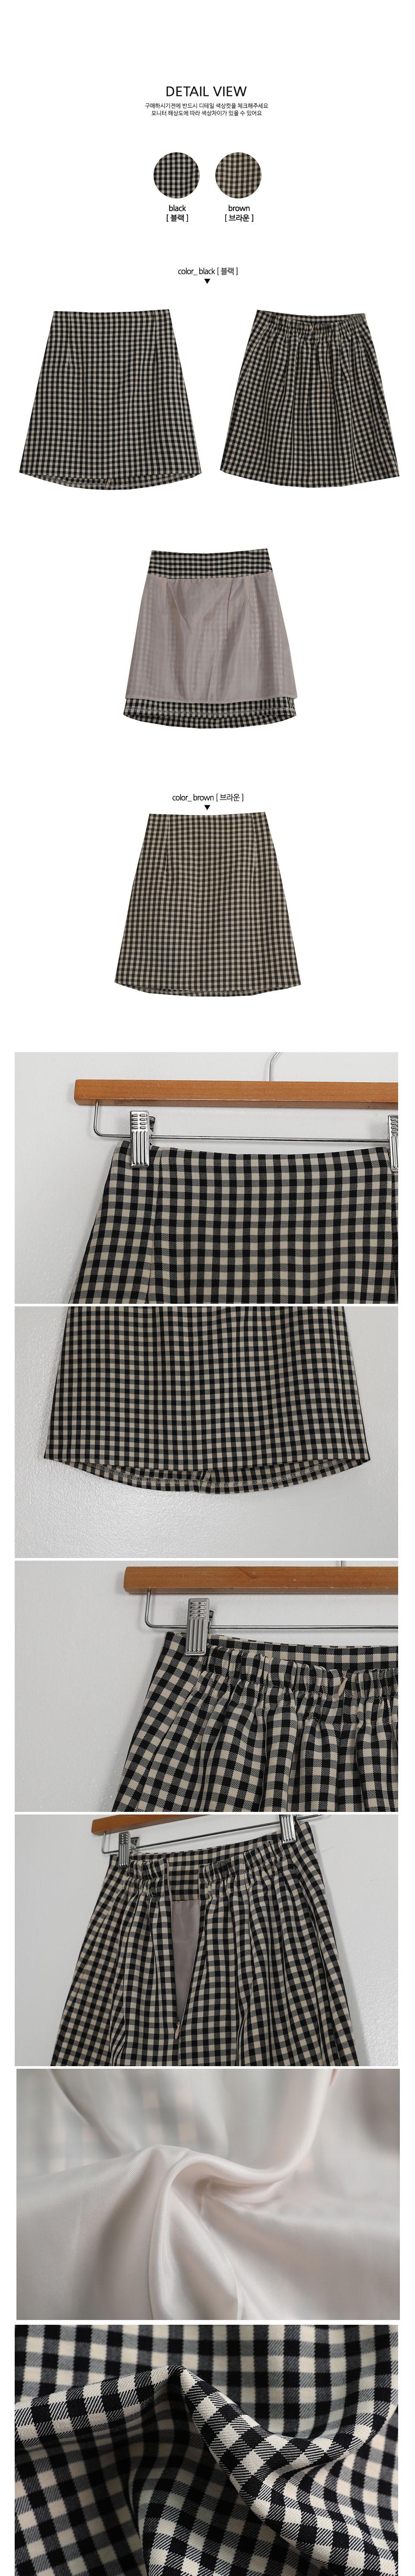 Crunchy Check Mini Skirt